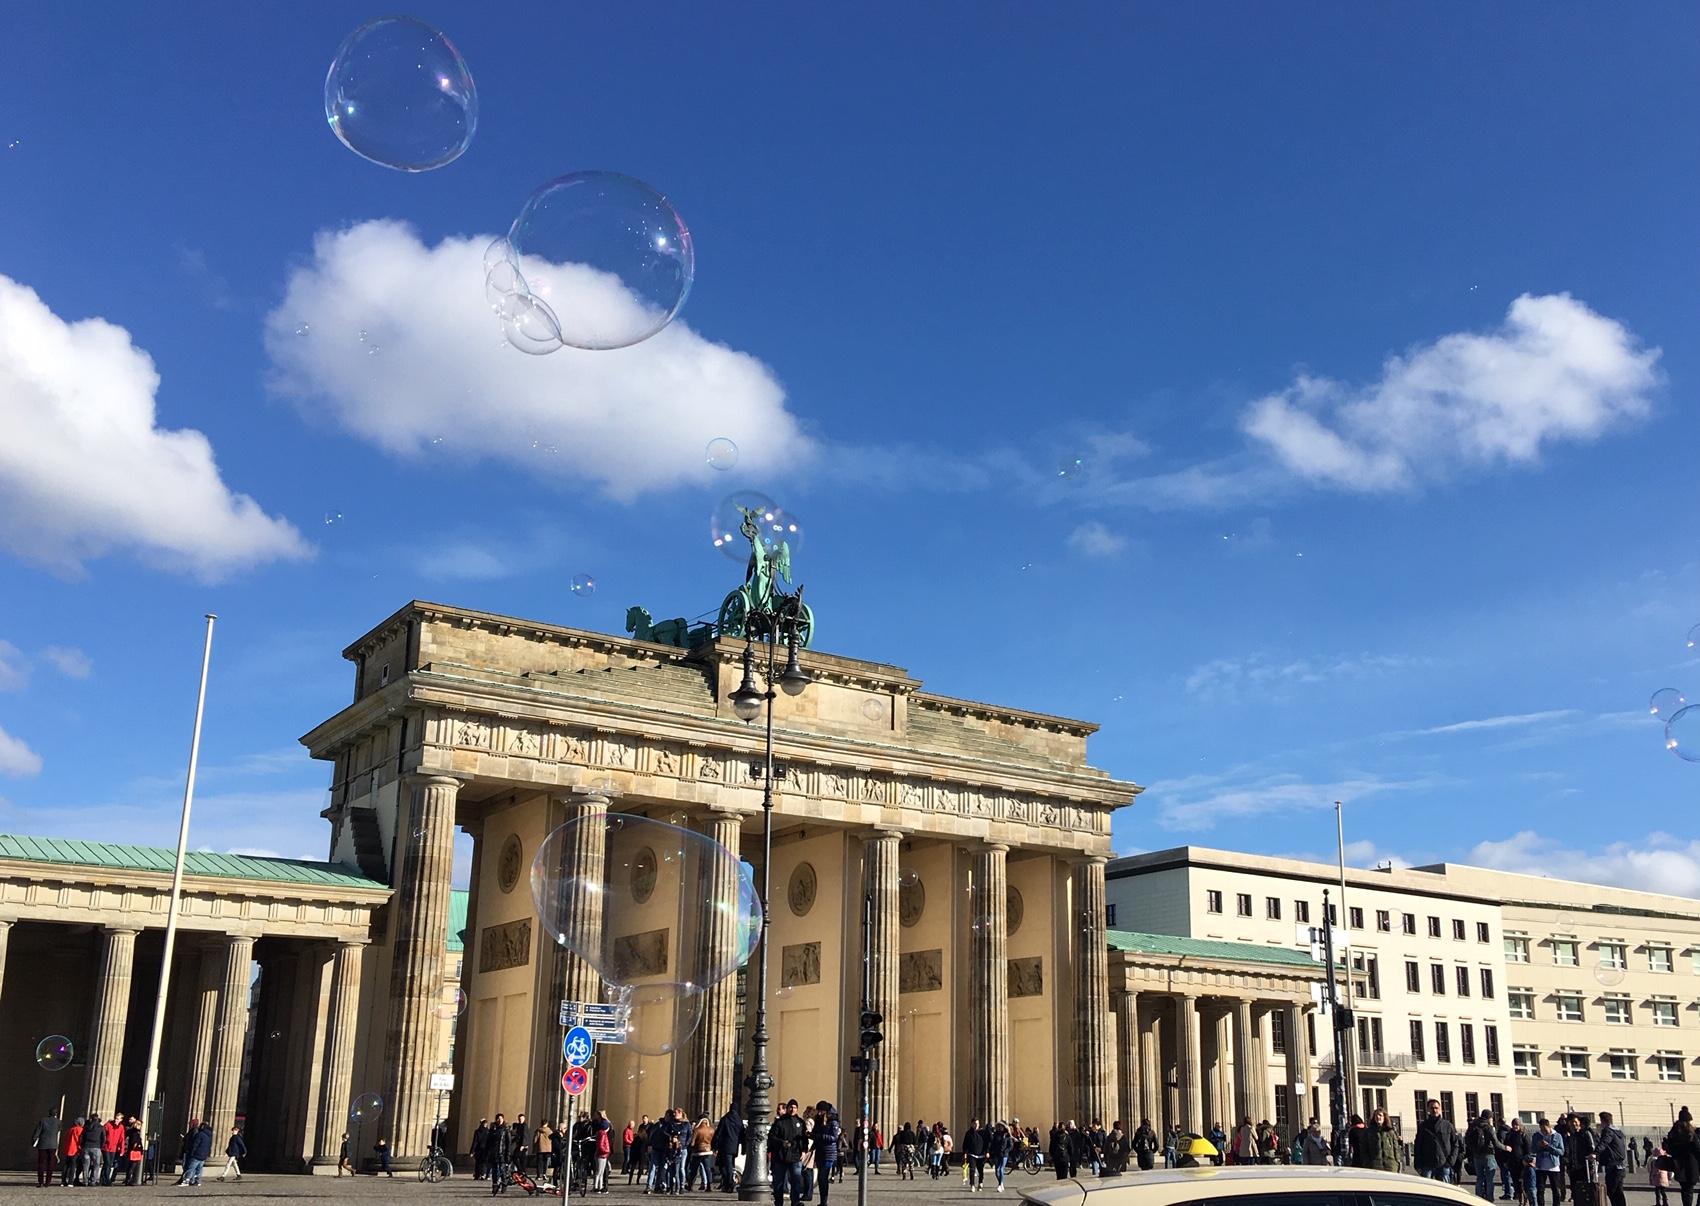 Berlin. Schön war's. Gerne kommen wir wieder in die Geschäftsstelle in Berlin Mitte, einen Katzensprung entfernt vom Brandenburger Tor und ...